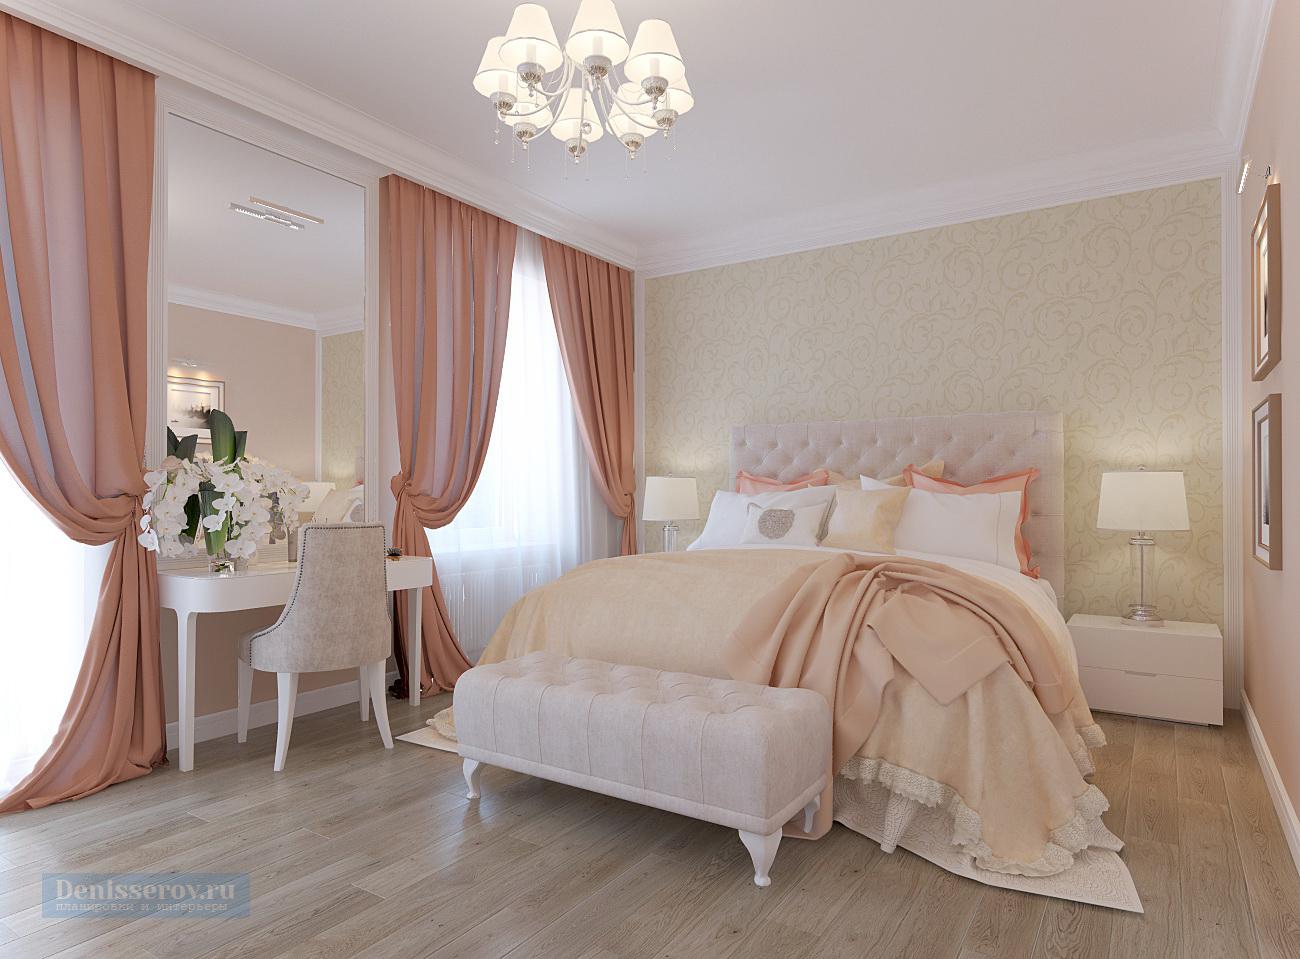 дизайн проект спальни 20 кв.м. в классическом стиле